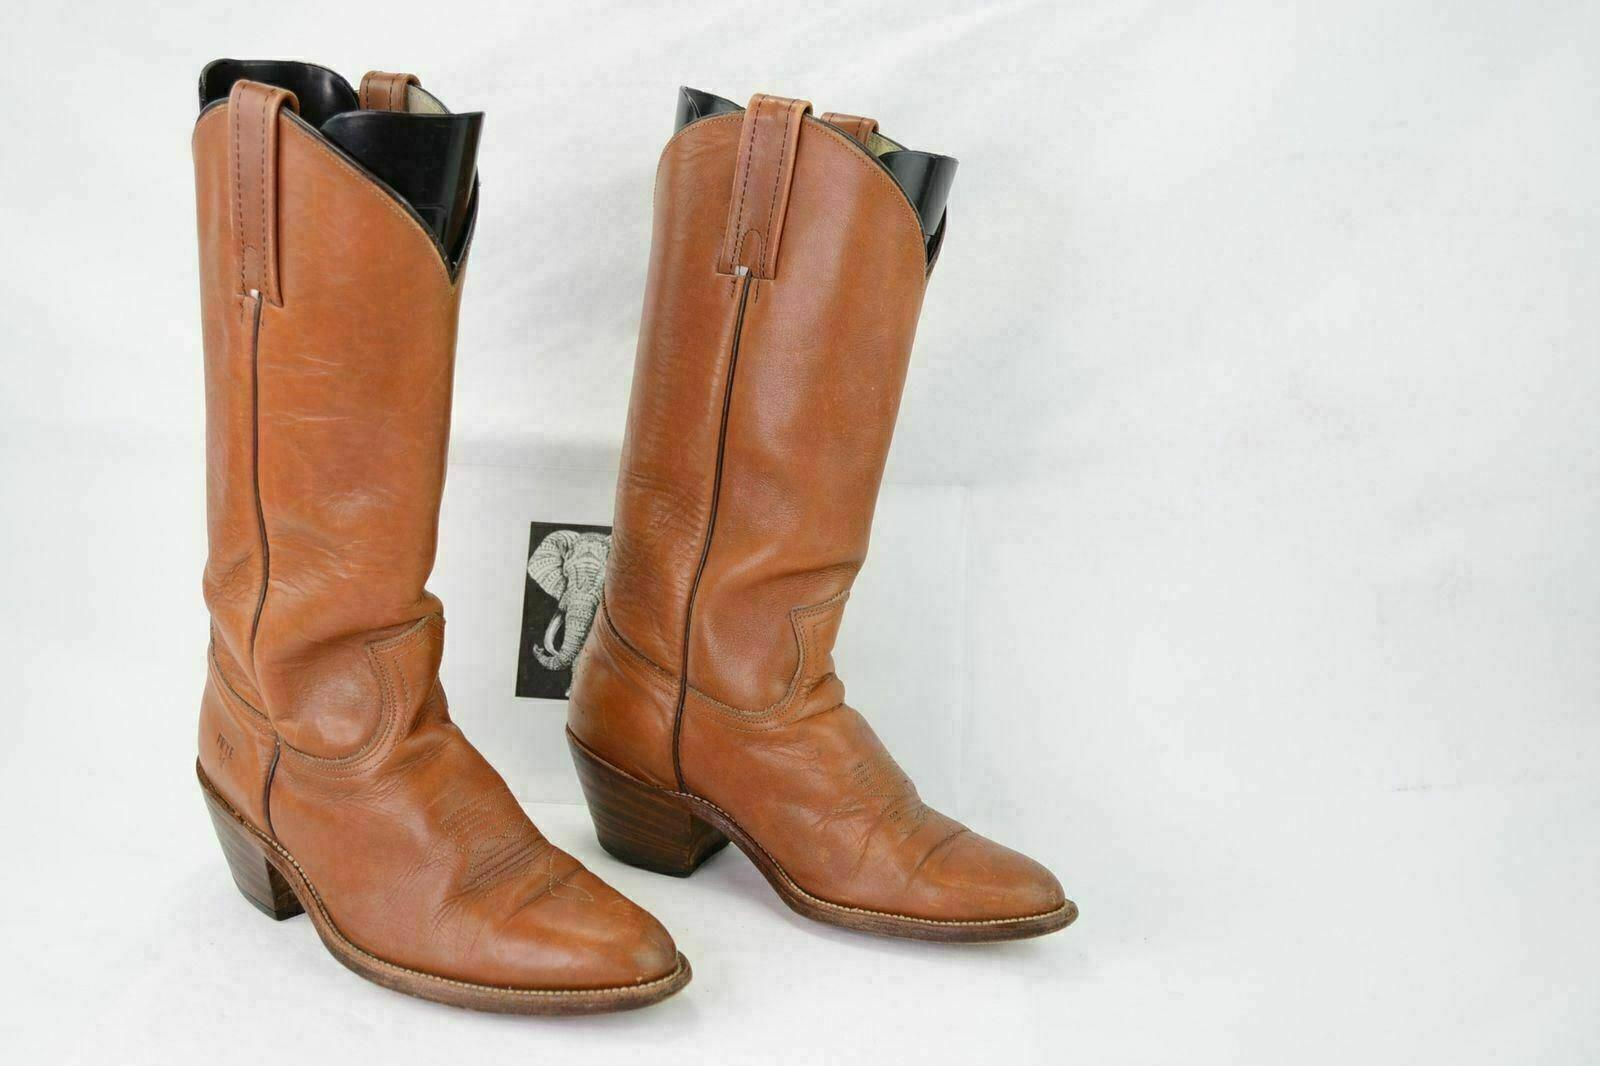 Frye 3M27779 para hombre 8D Vintage Cuero Marrón cigarro Occidental botas De Vaquero A97